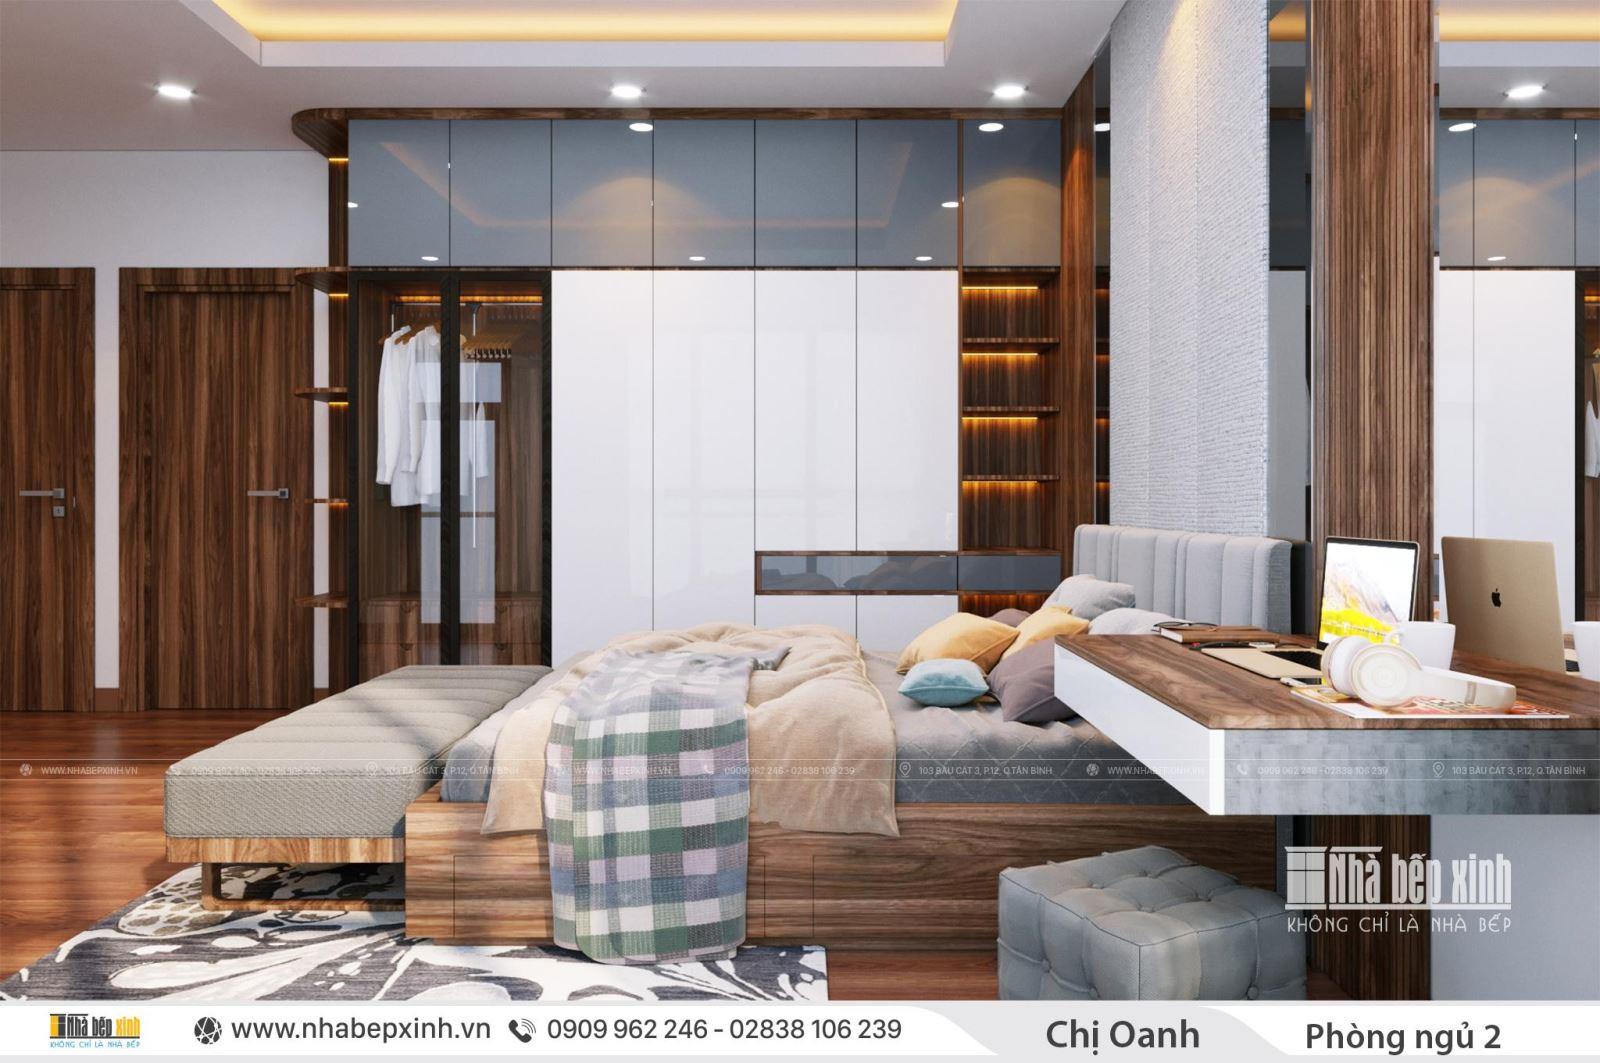 Thiết kế nội thất nguyên căn nhà phố hiện đại